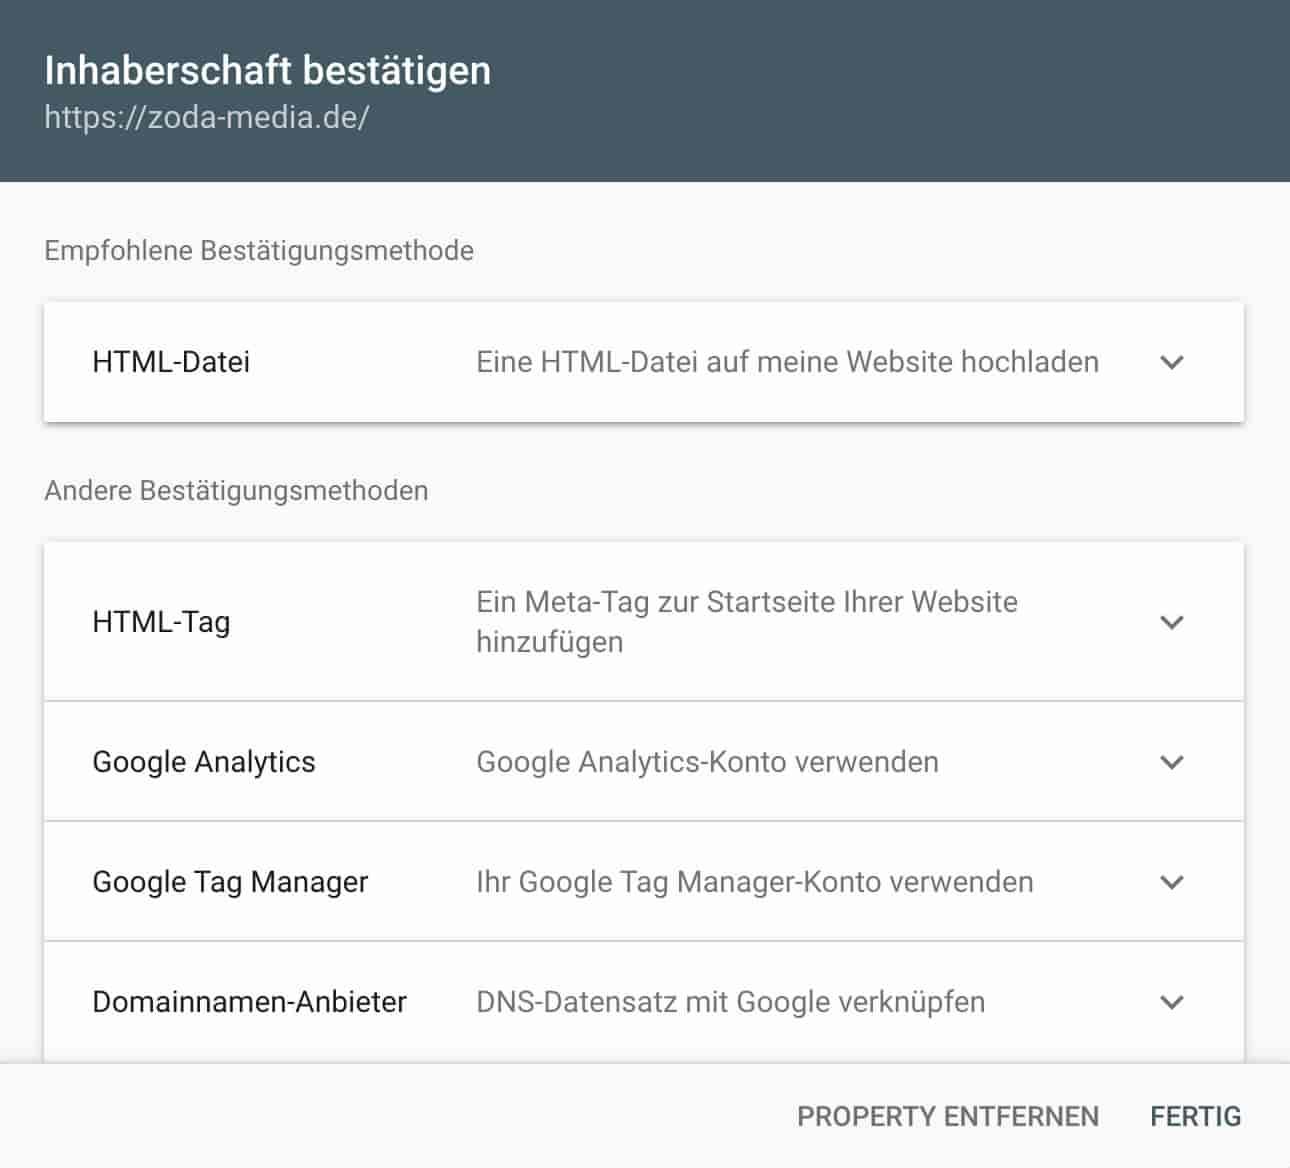 Google_Search_Console_Inhaberschaft